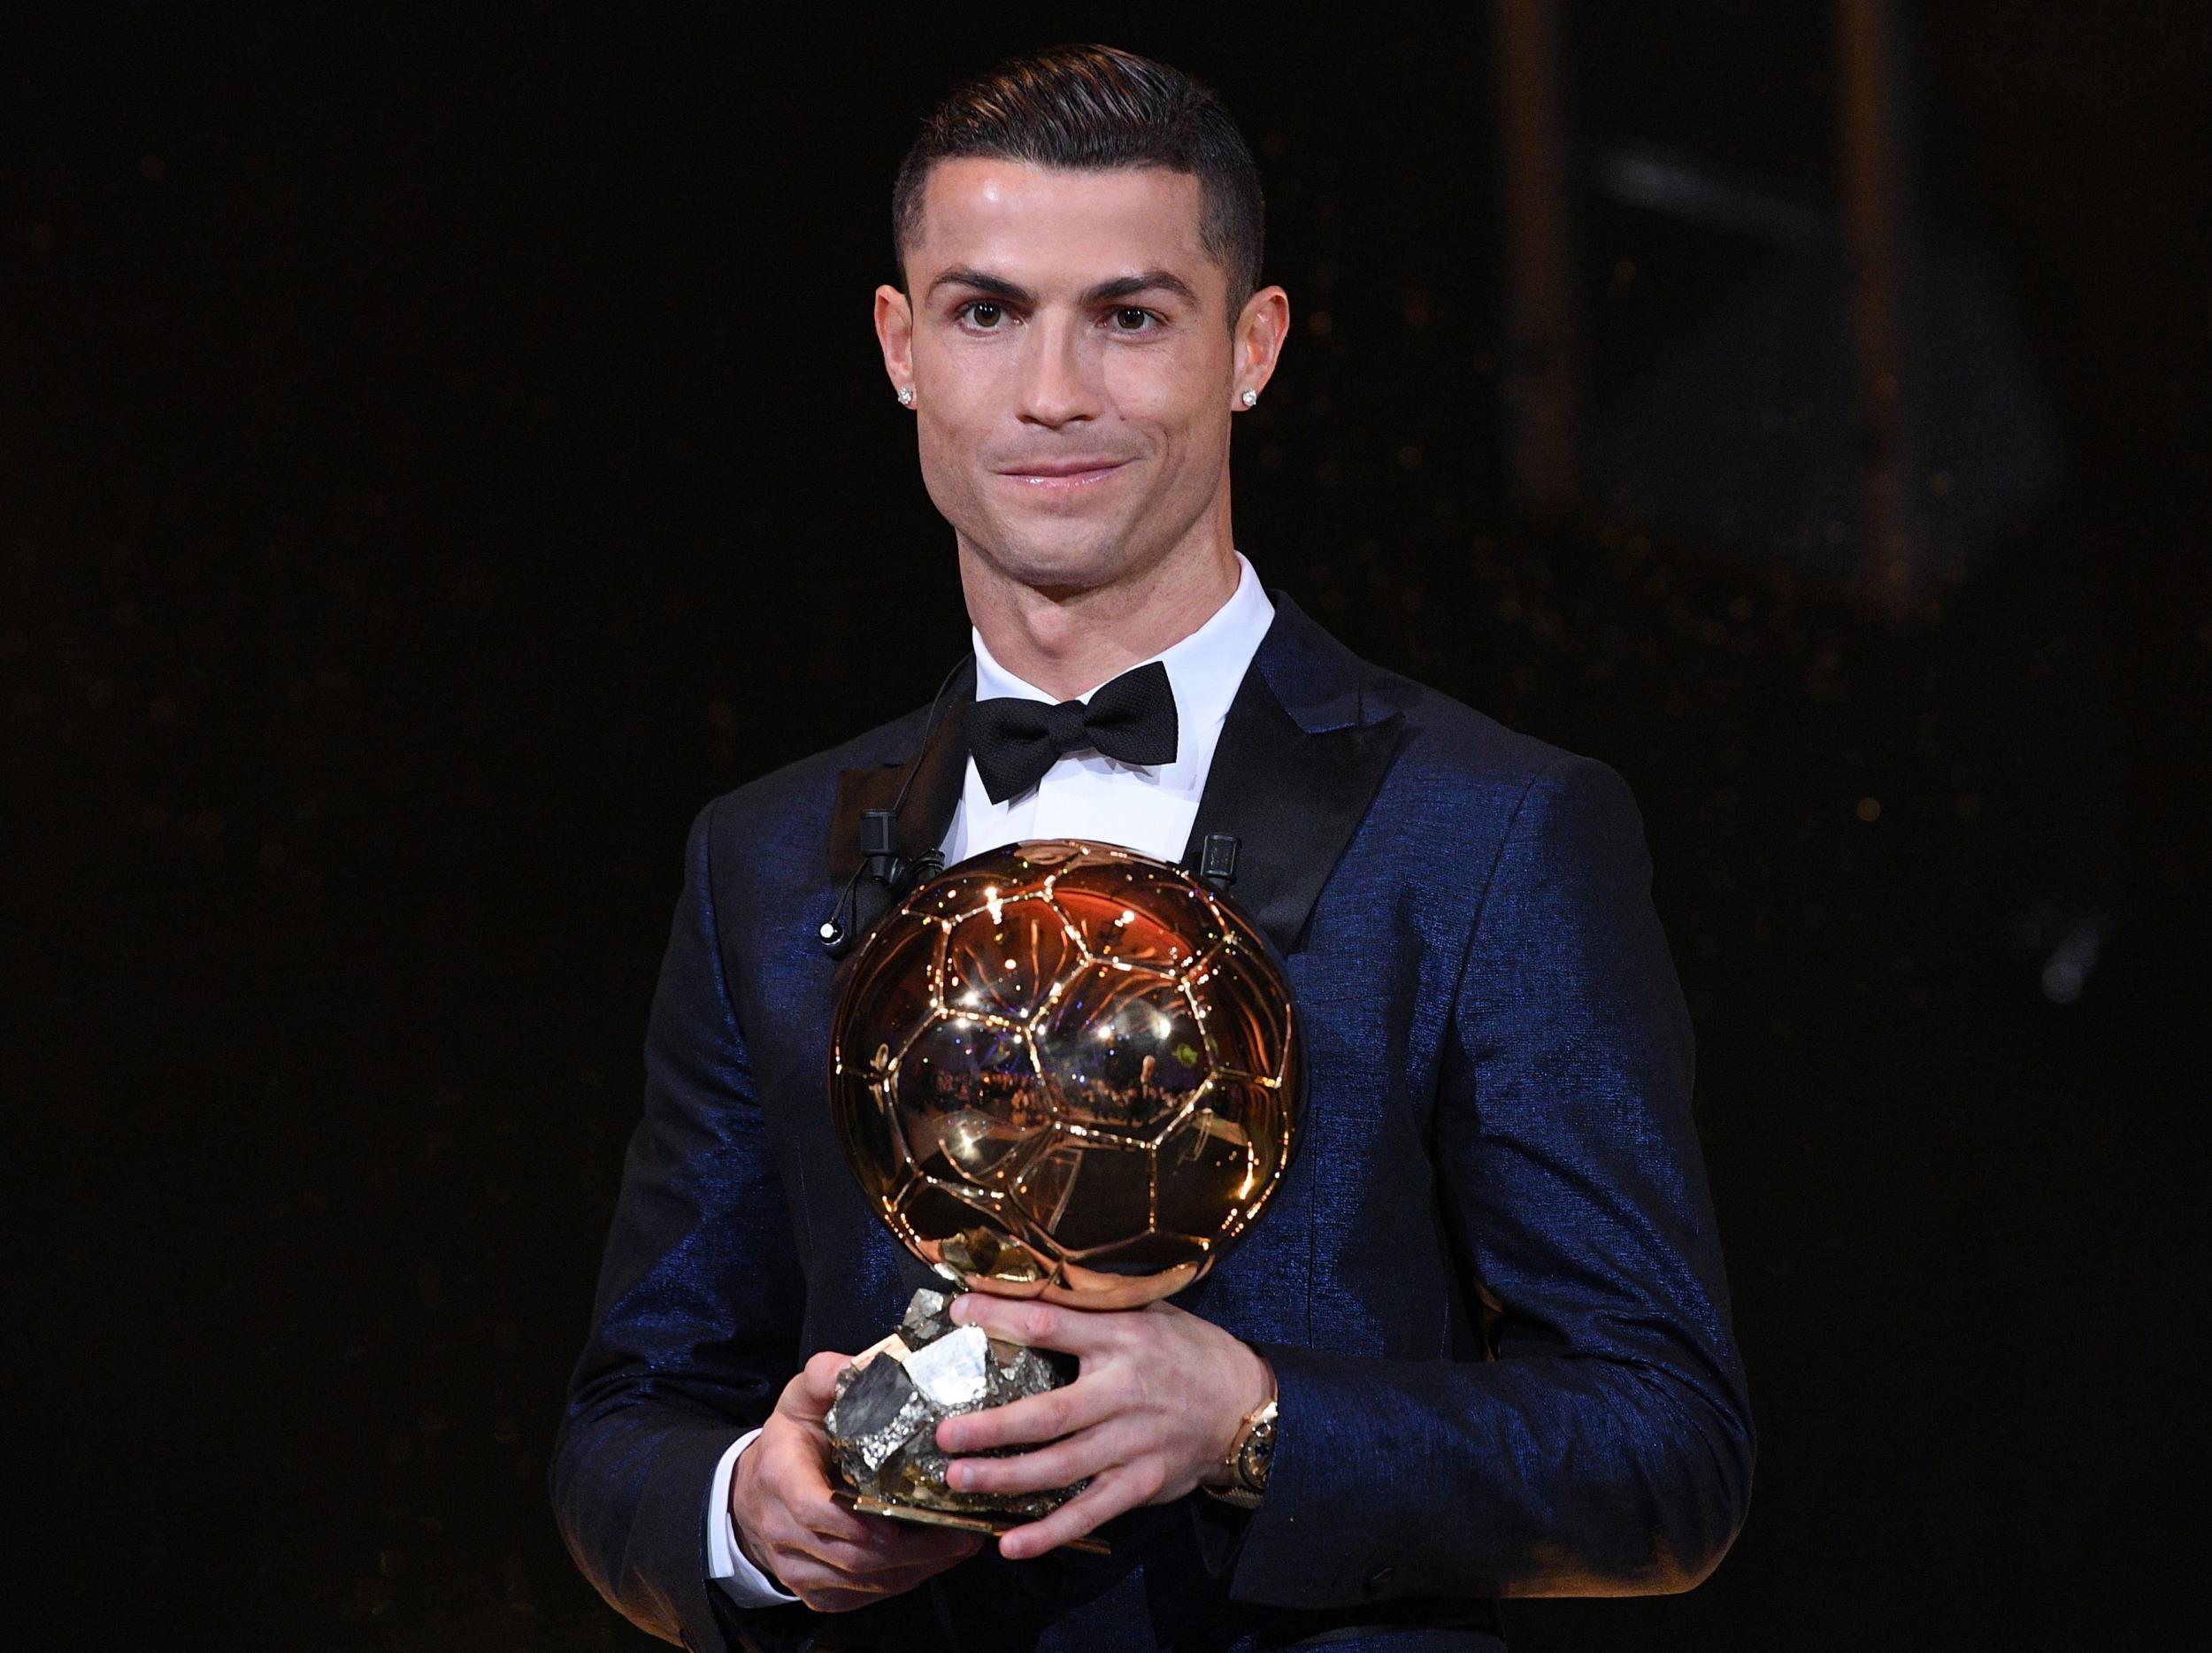 0d8333616f16 Ballon d'Or 2017: Cristiano Ronaldo wins prestigious award for fifth time  to equal Lionel Messi's record haul